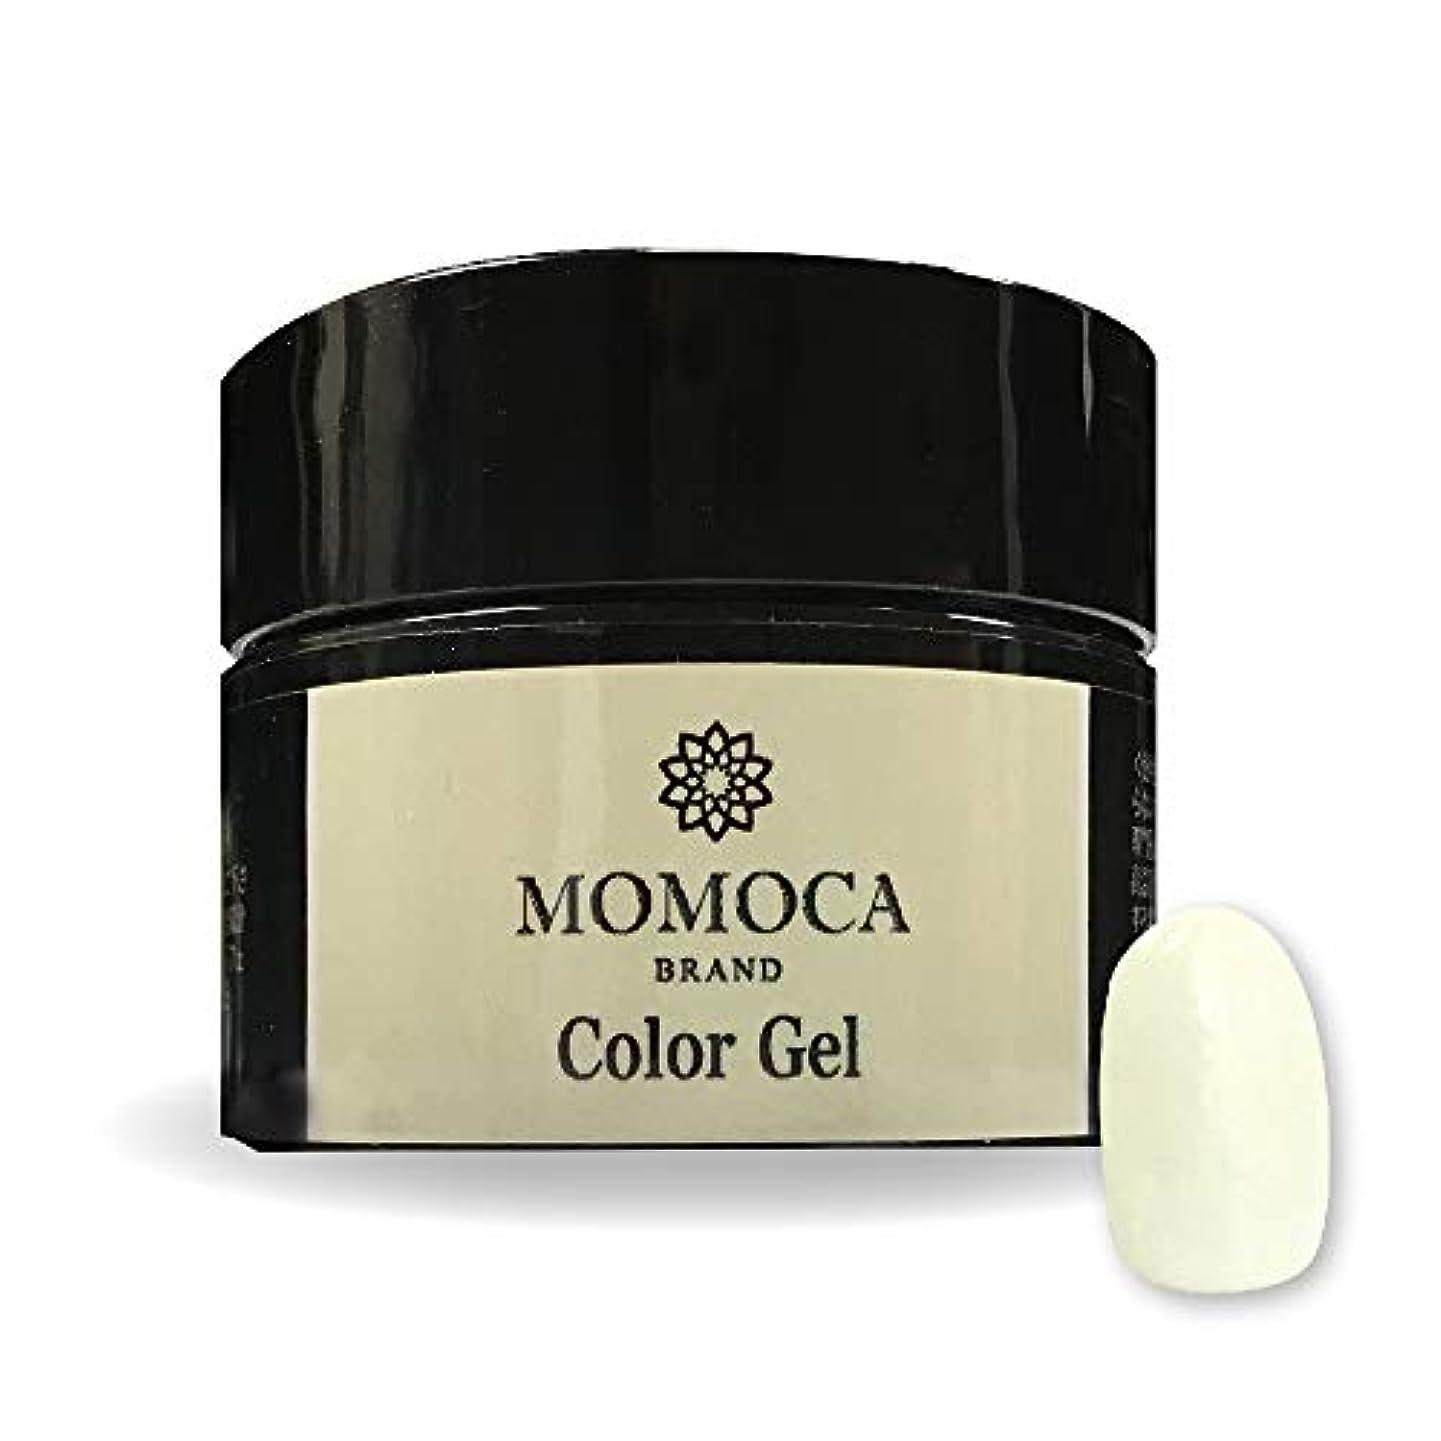 計画戦争誘惑するMOMOCA モモカ ジェルネイル サロン品質 高発色 長持ち プロ仕様 ネイルサロン ネイリスト (007M Antique white アンティークホワイト)